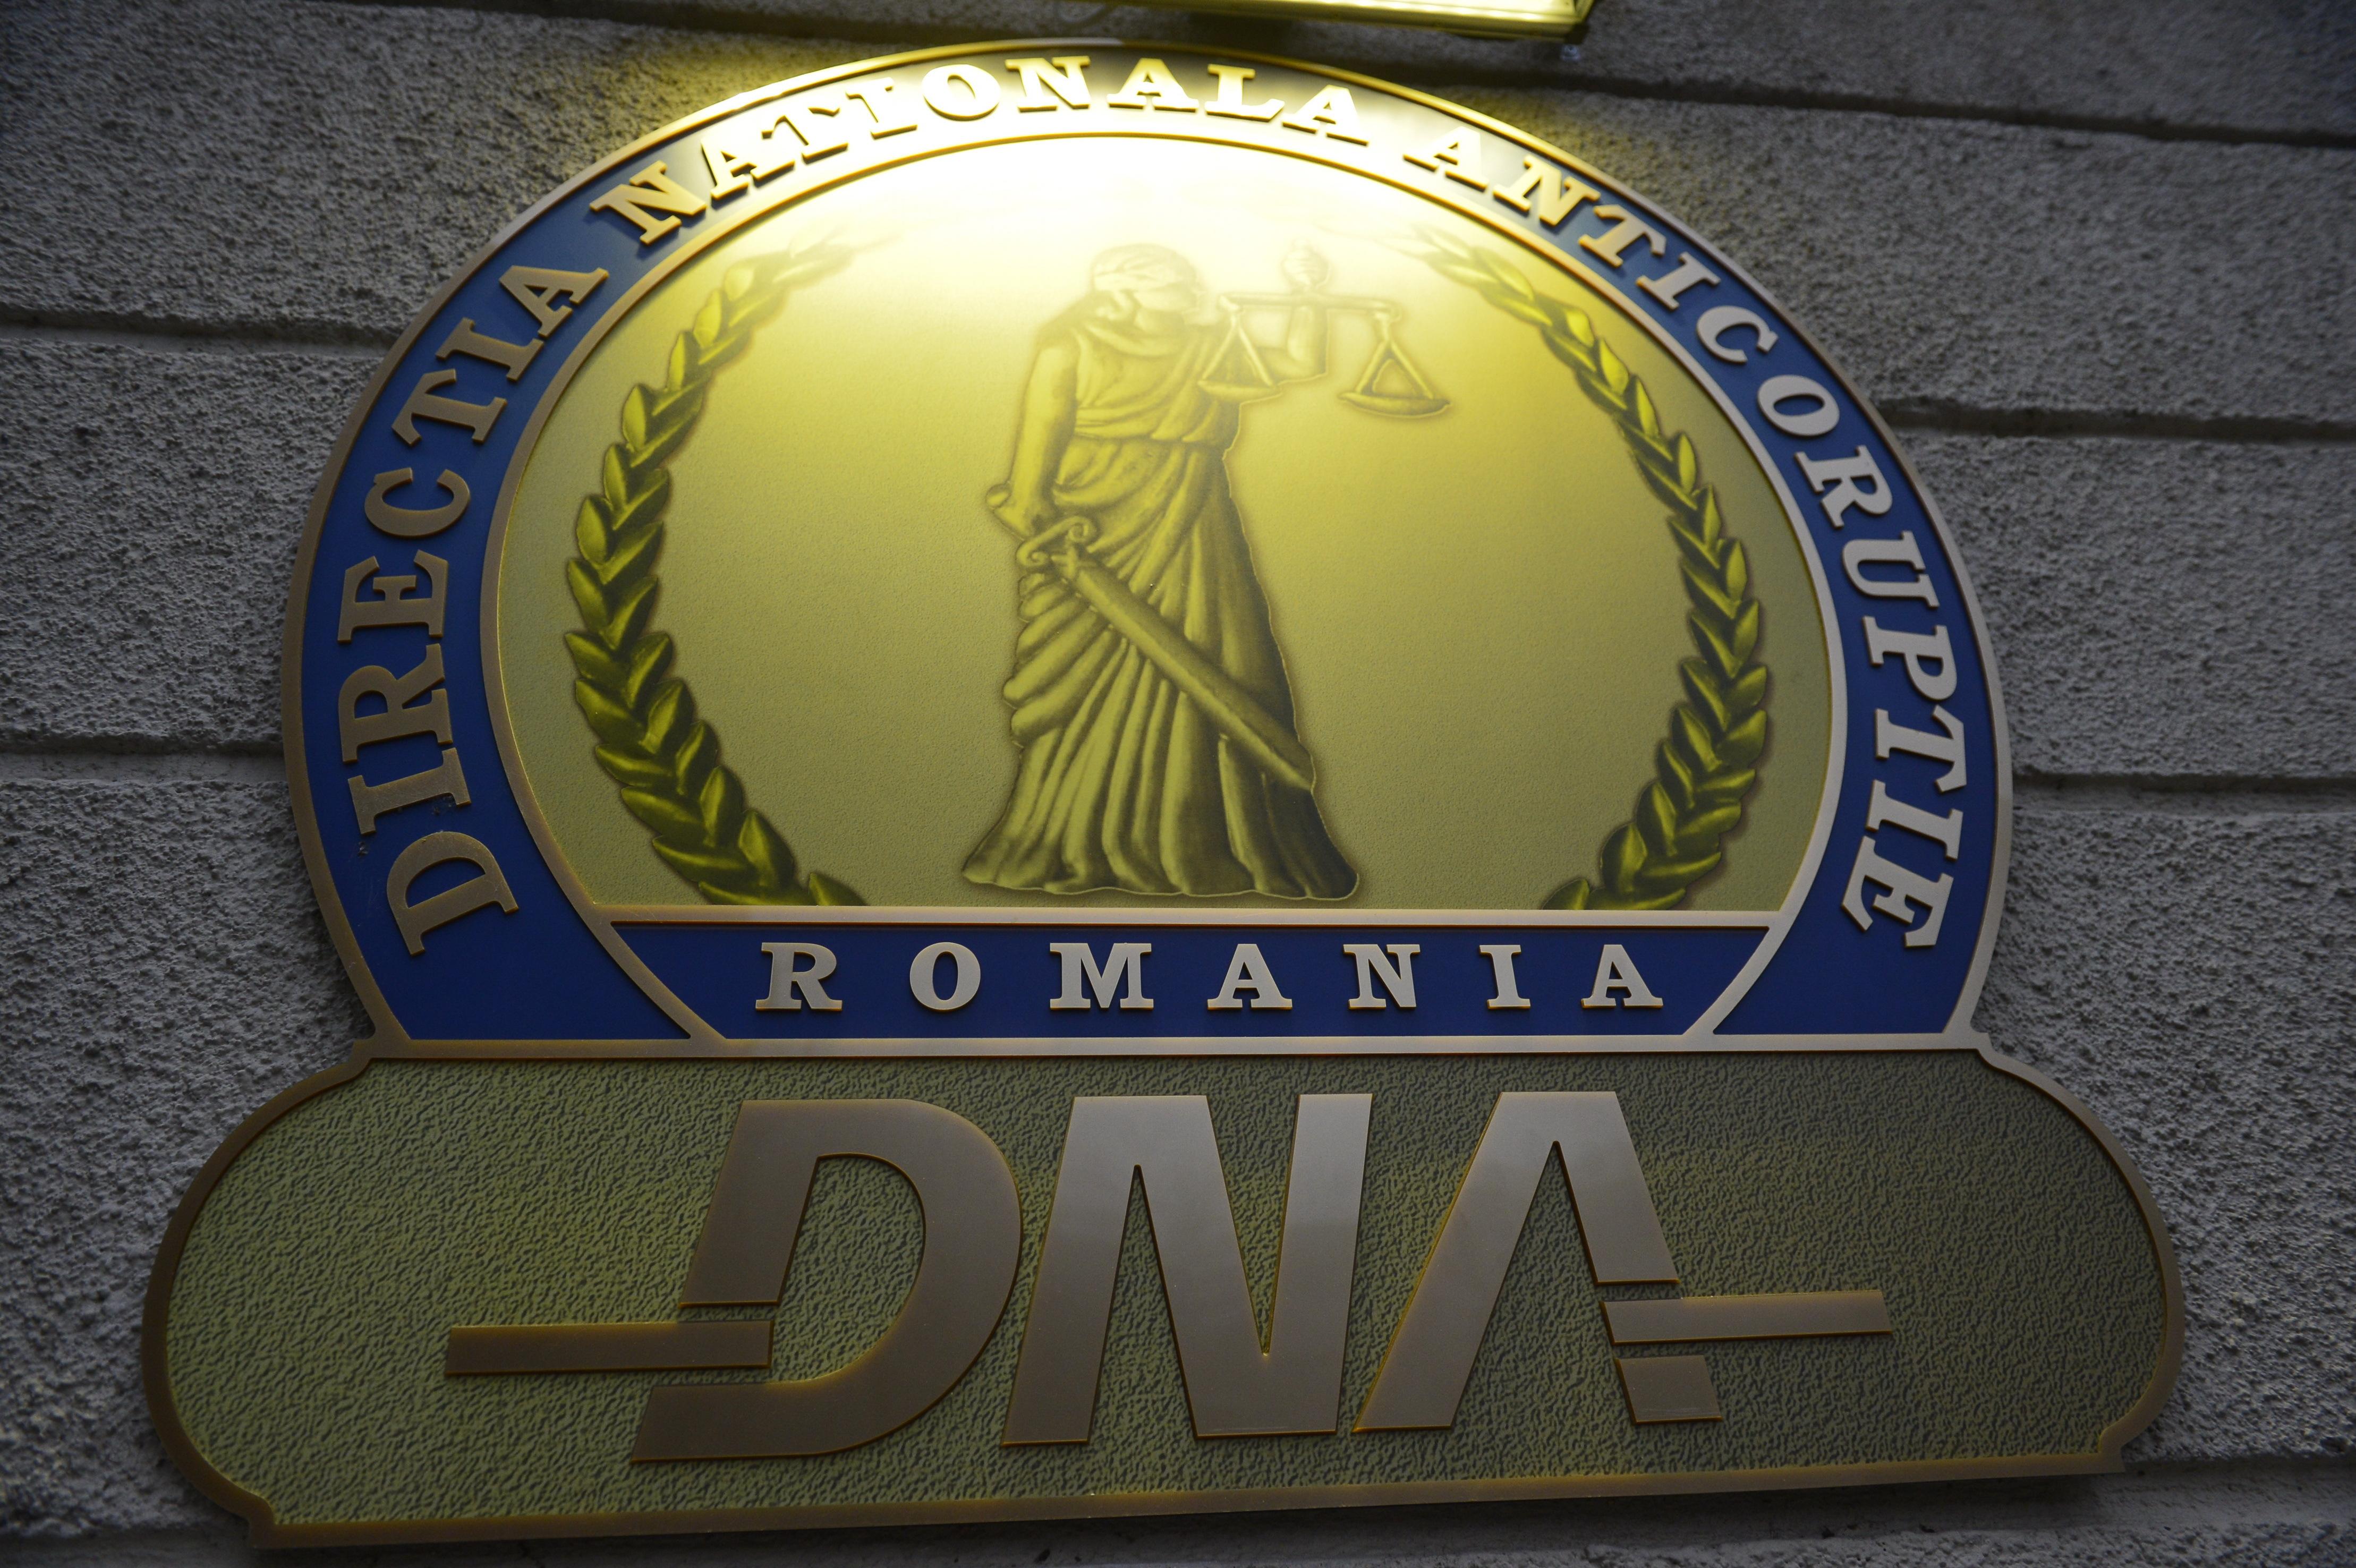 Ministrul Justiţiei din Republica Moldova: Pentru noi, DNA a constituit totdeauna o instituţie de unde putem să preluăm unele practici. Sunt şi multe lucruri care nu ne plac